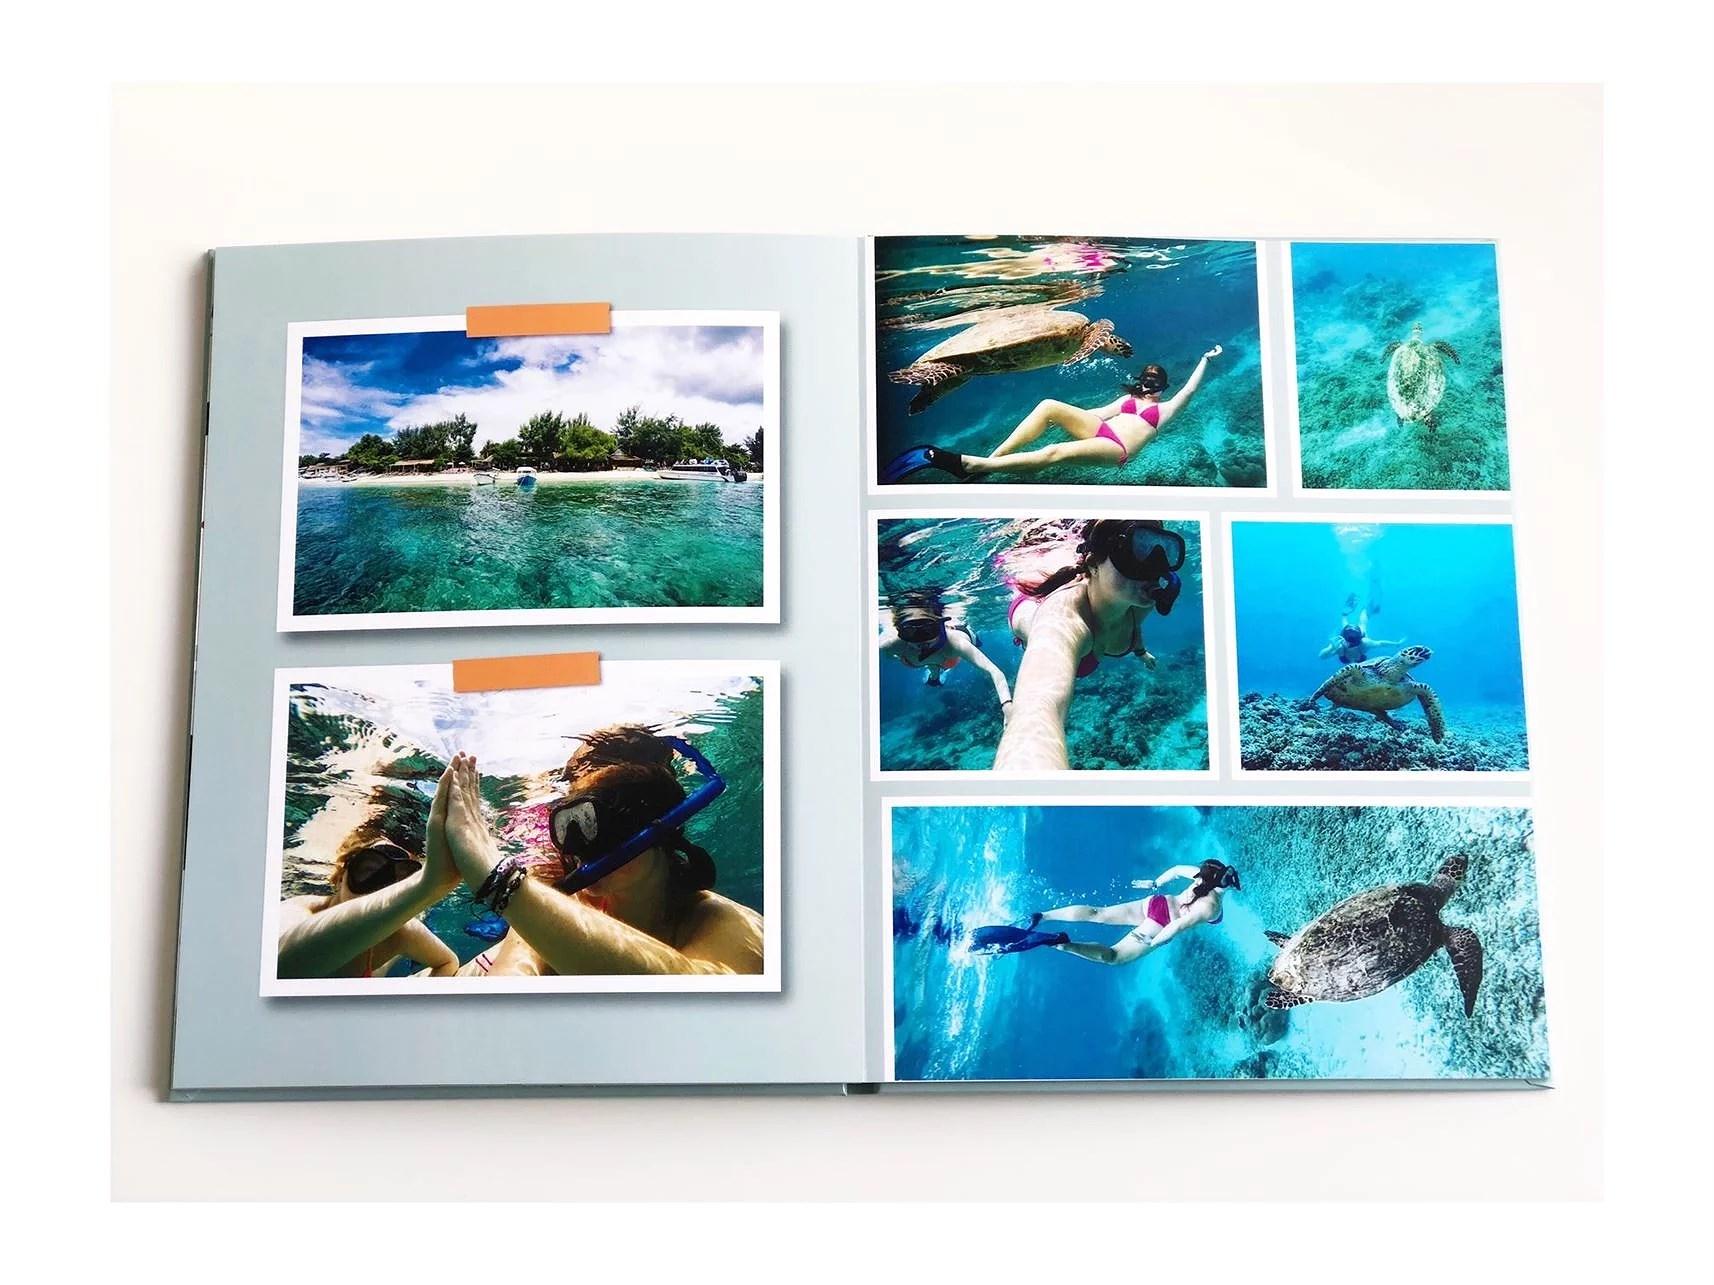 Backpacking i Asien - Fotobok!